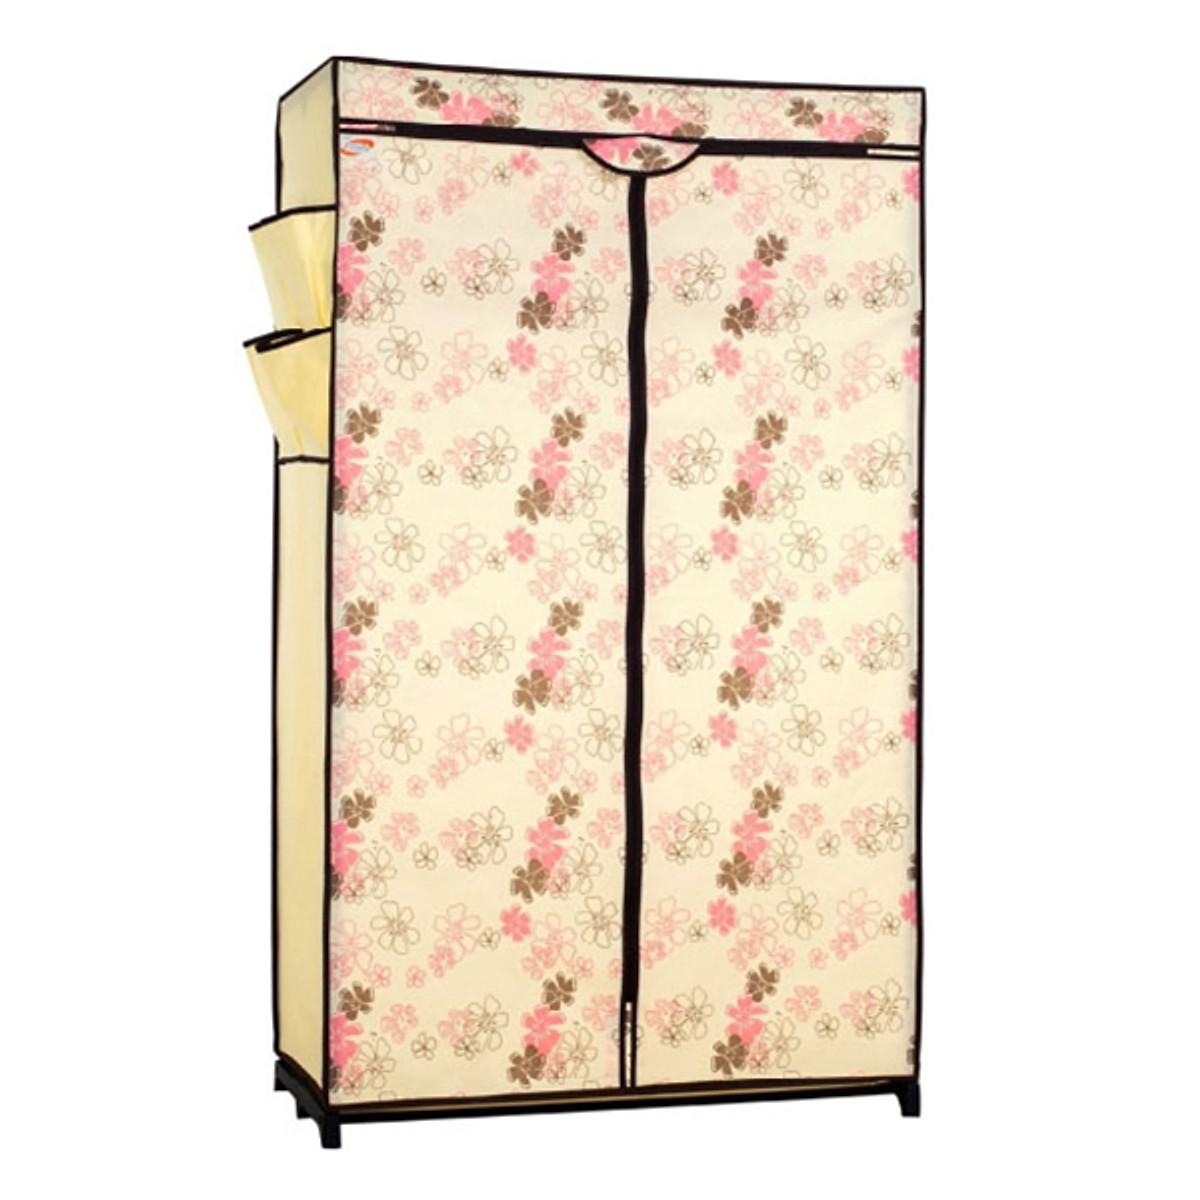 Bao áo Tủ vải Thanh Long TVAI02 - Giao màu ngẫu nhiên